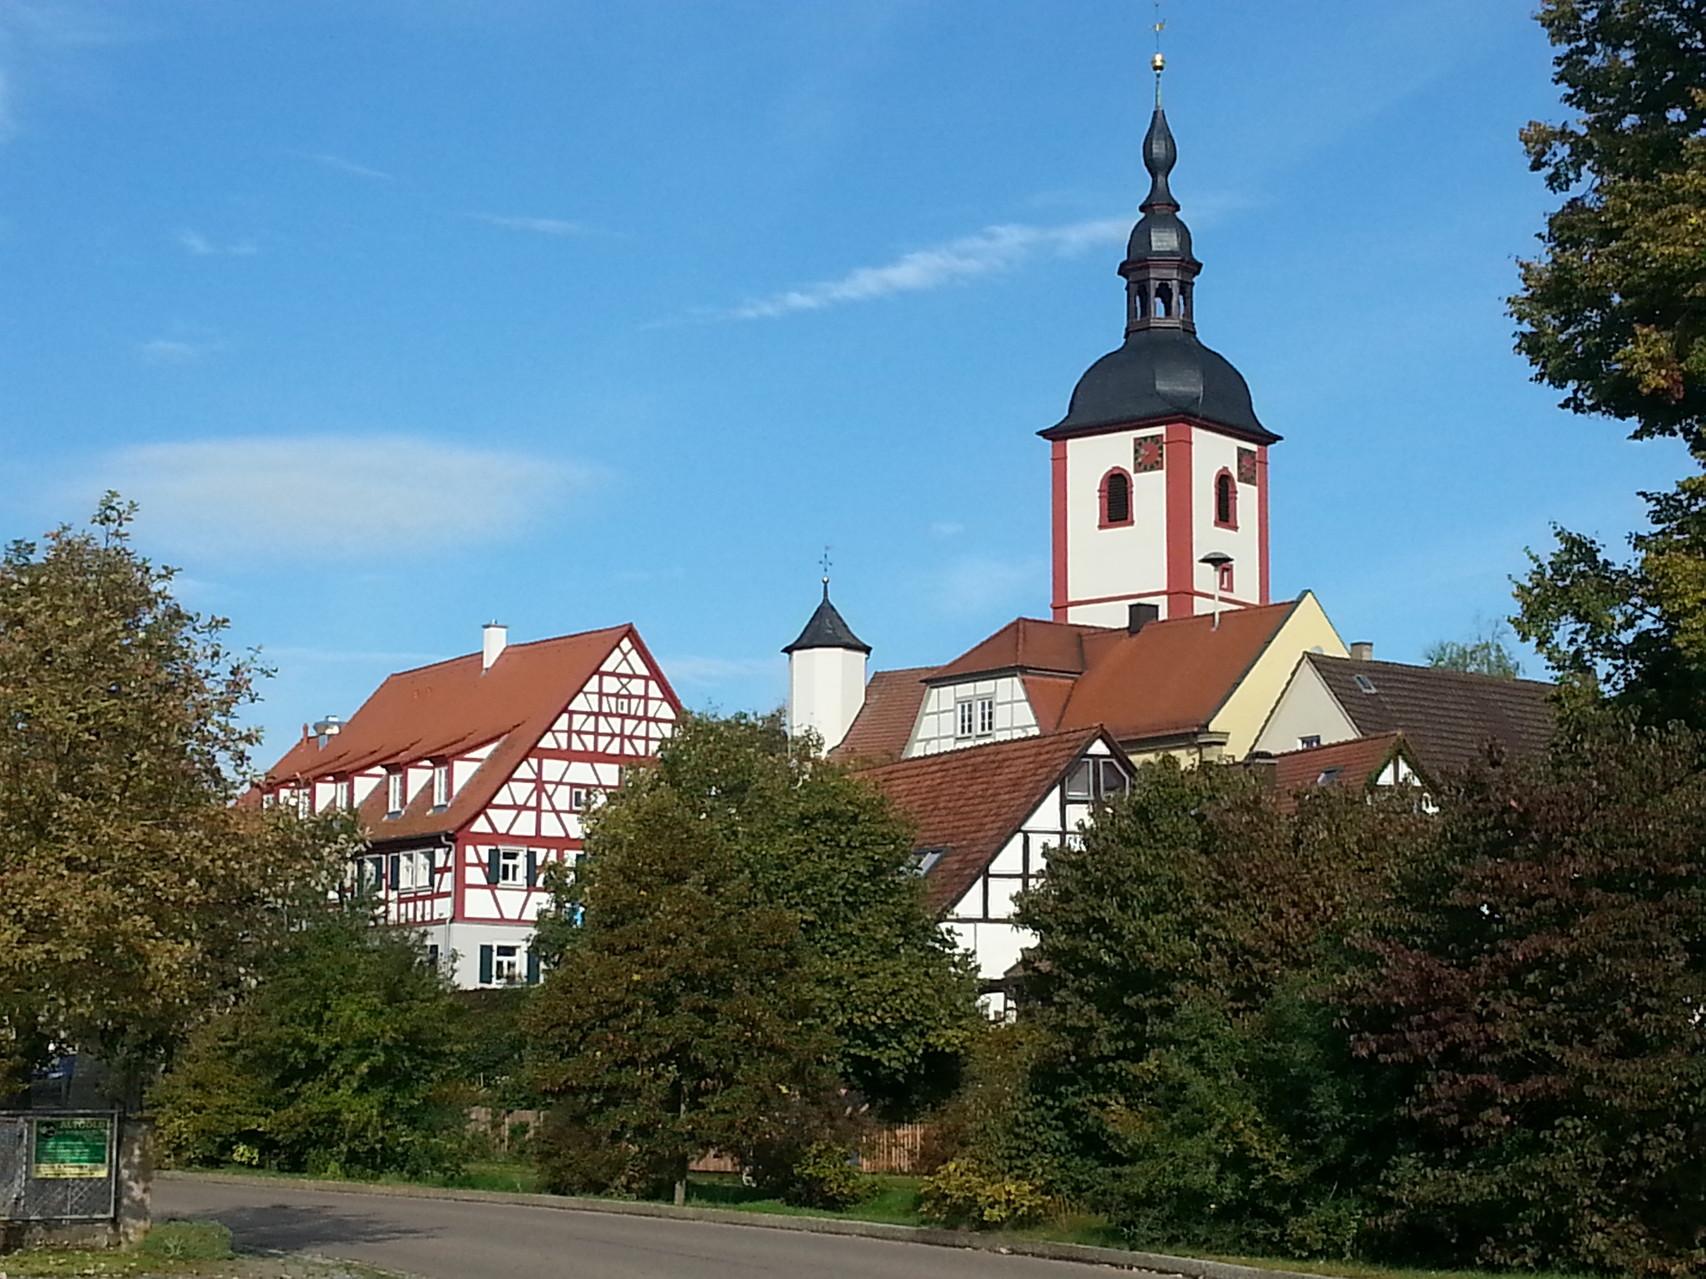 Unser Golddorf - Markt Nordheim: hier lässt es sich gut übernachtedn